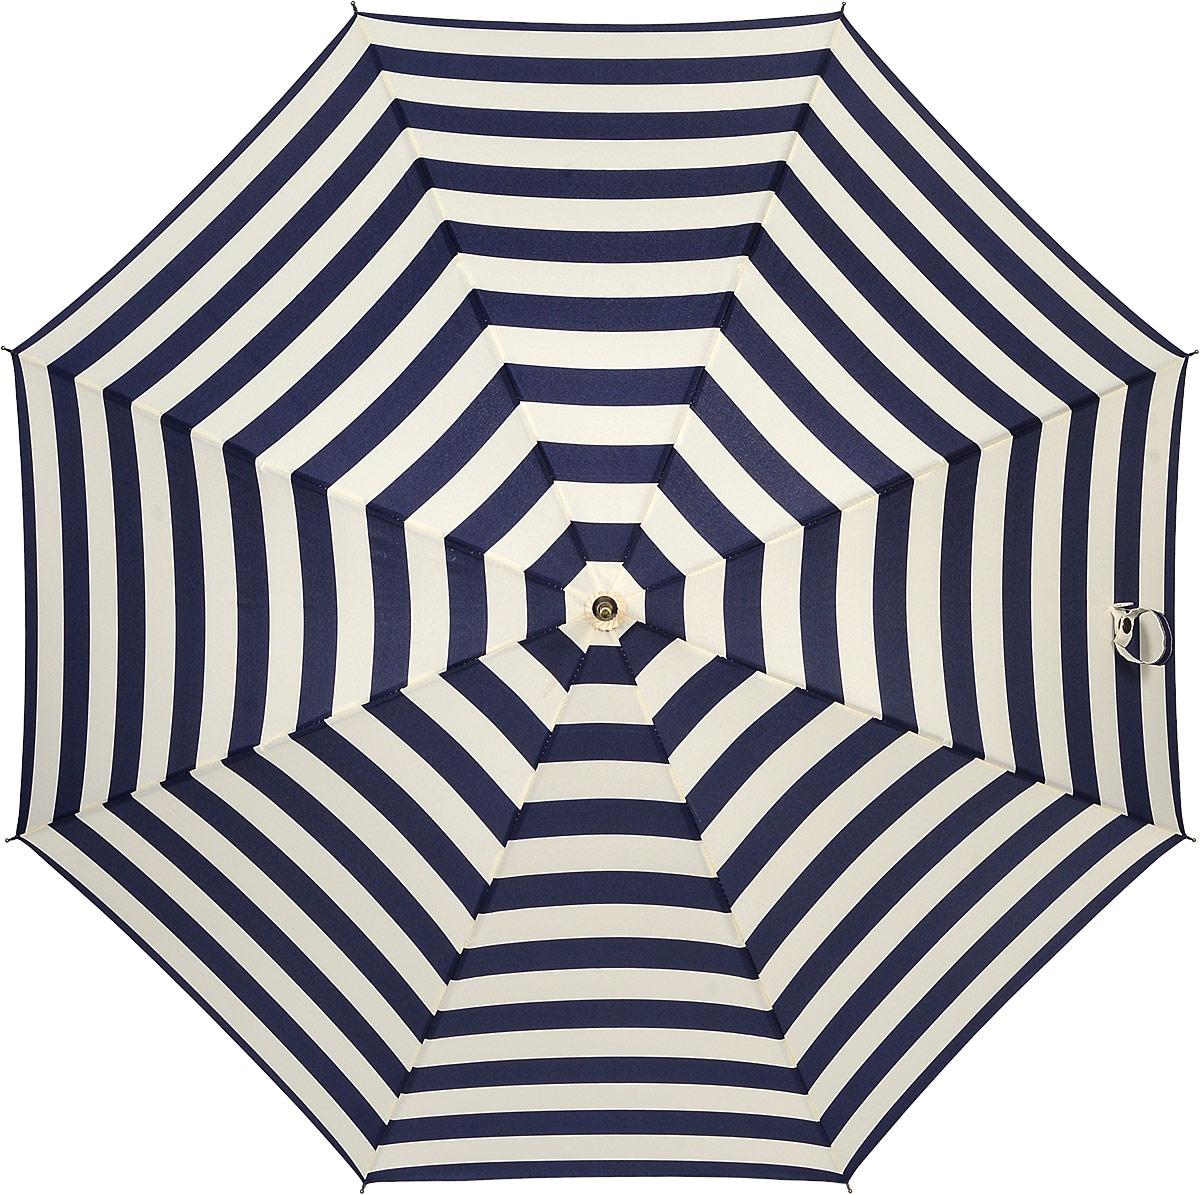 Зонт женский Kawaii Factory Sea-Stripes, цвет: темно-синий, молочный. KW042-000159REM12-CAM-GREENBLACKЭлегантный зонт-трость от Kawaii Factory Sea-Stripes оформлен интересным принтом в полоску. Зонт состоит из стержня и 8 спиц, изготовленных из металла. Купол изготовлен из полиэстера, который надежно защитит вас от дождя. Зонт дополнен удобной ручкой, которая выполнена в виде крючка. Также зонт имеет наконечник, который устраняет попадание воды на стержень и уберегает зонт от повреждений. Изделие имеет механический механизм сложения.